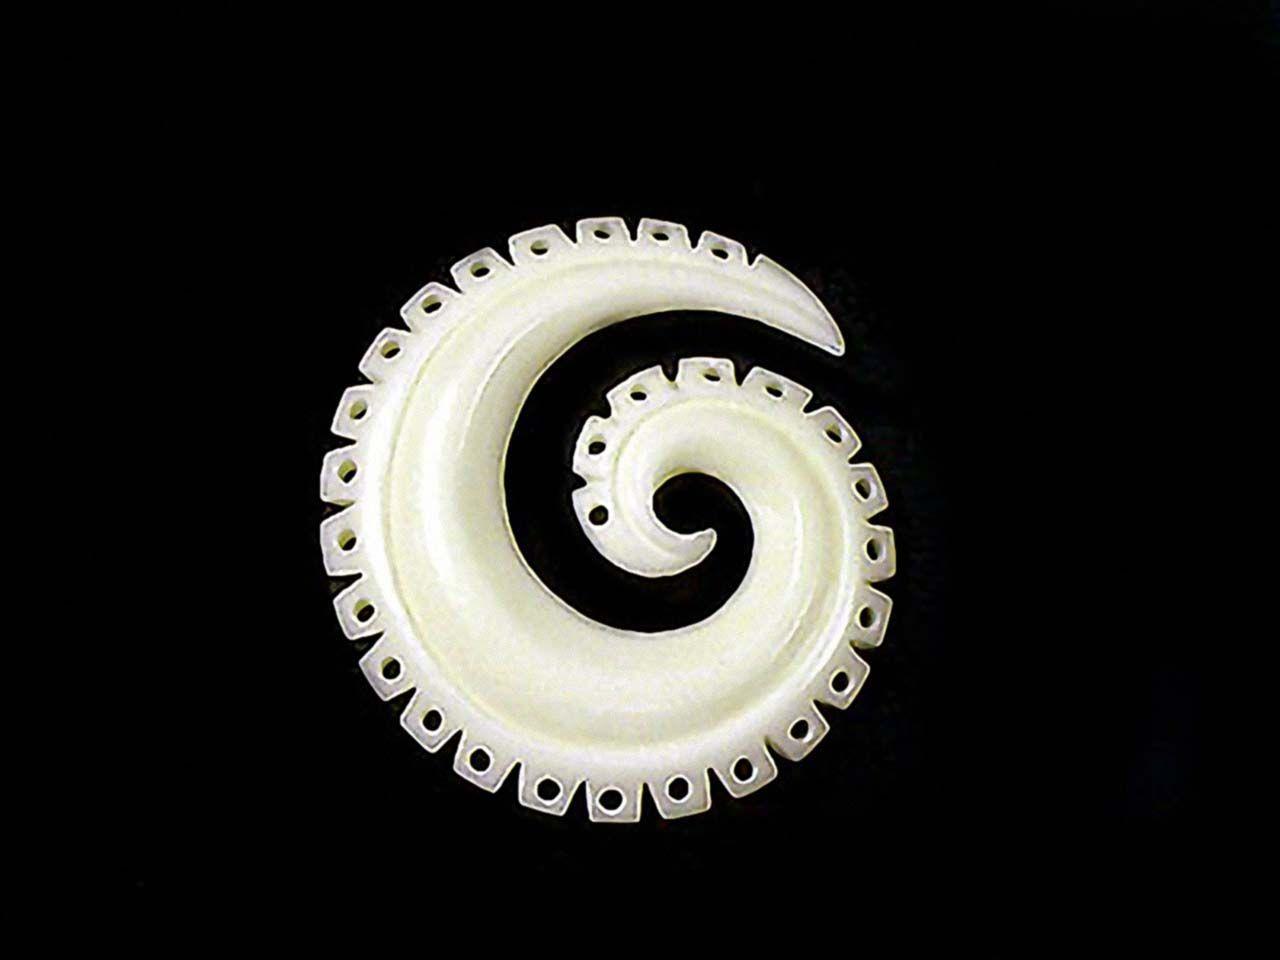 Fantastisch Drahtspiralspule Galerie - Der Schaltplan - triangre.info